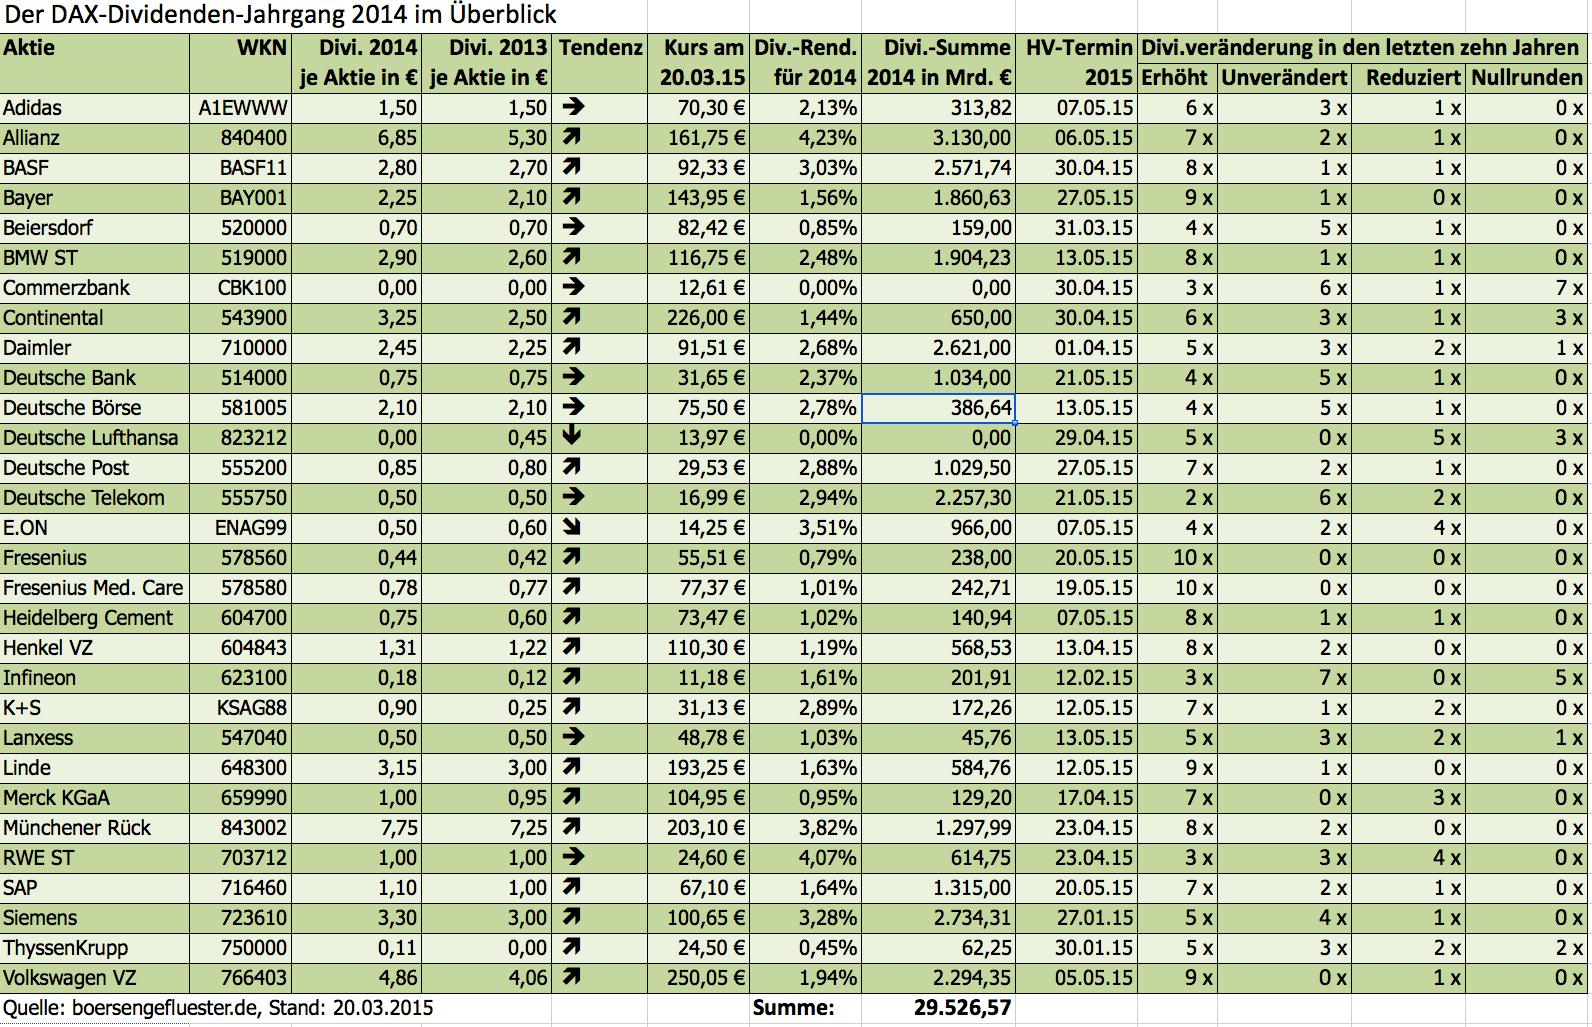 DAX-Dividenden Statistik